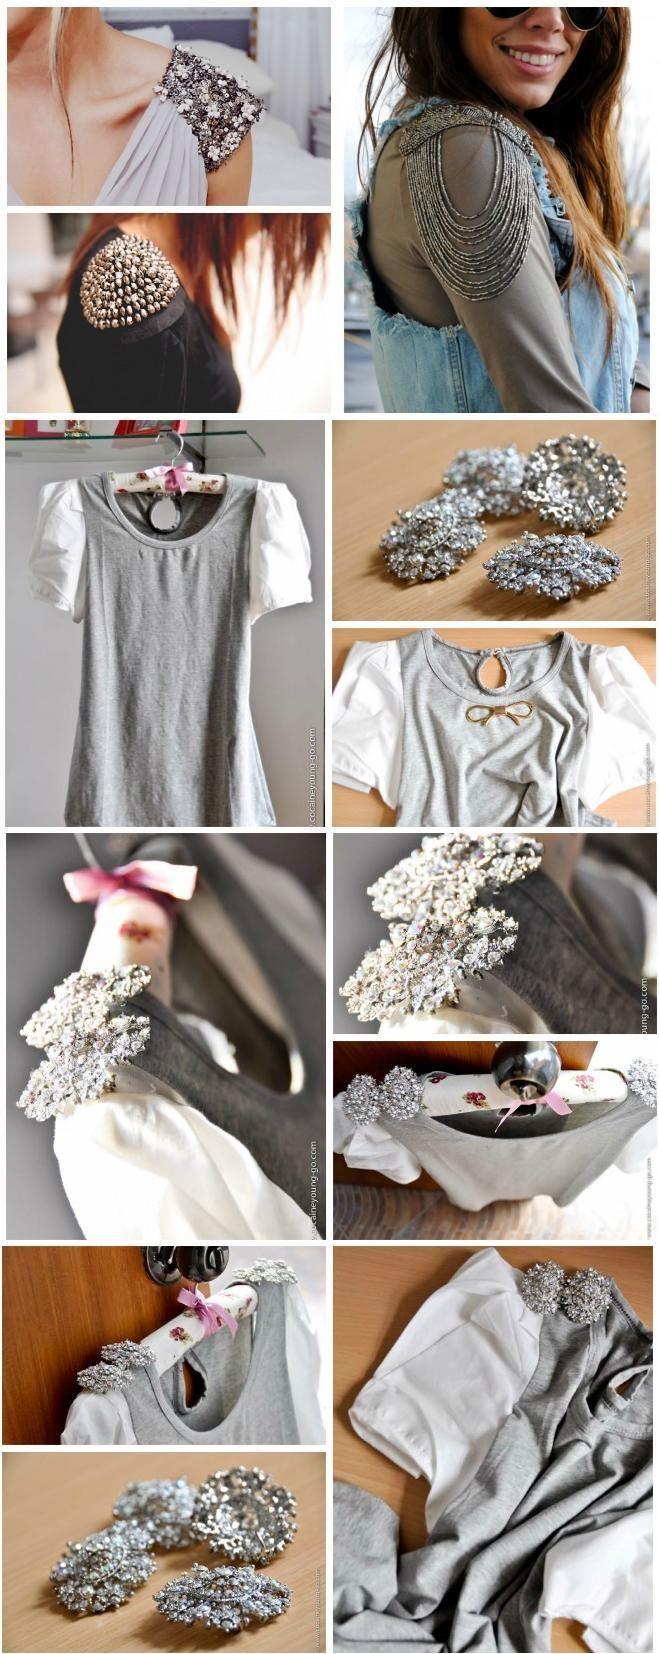 DIY: Embellished Shoulders